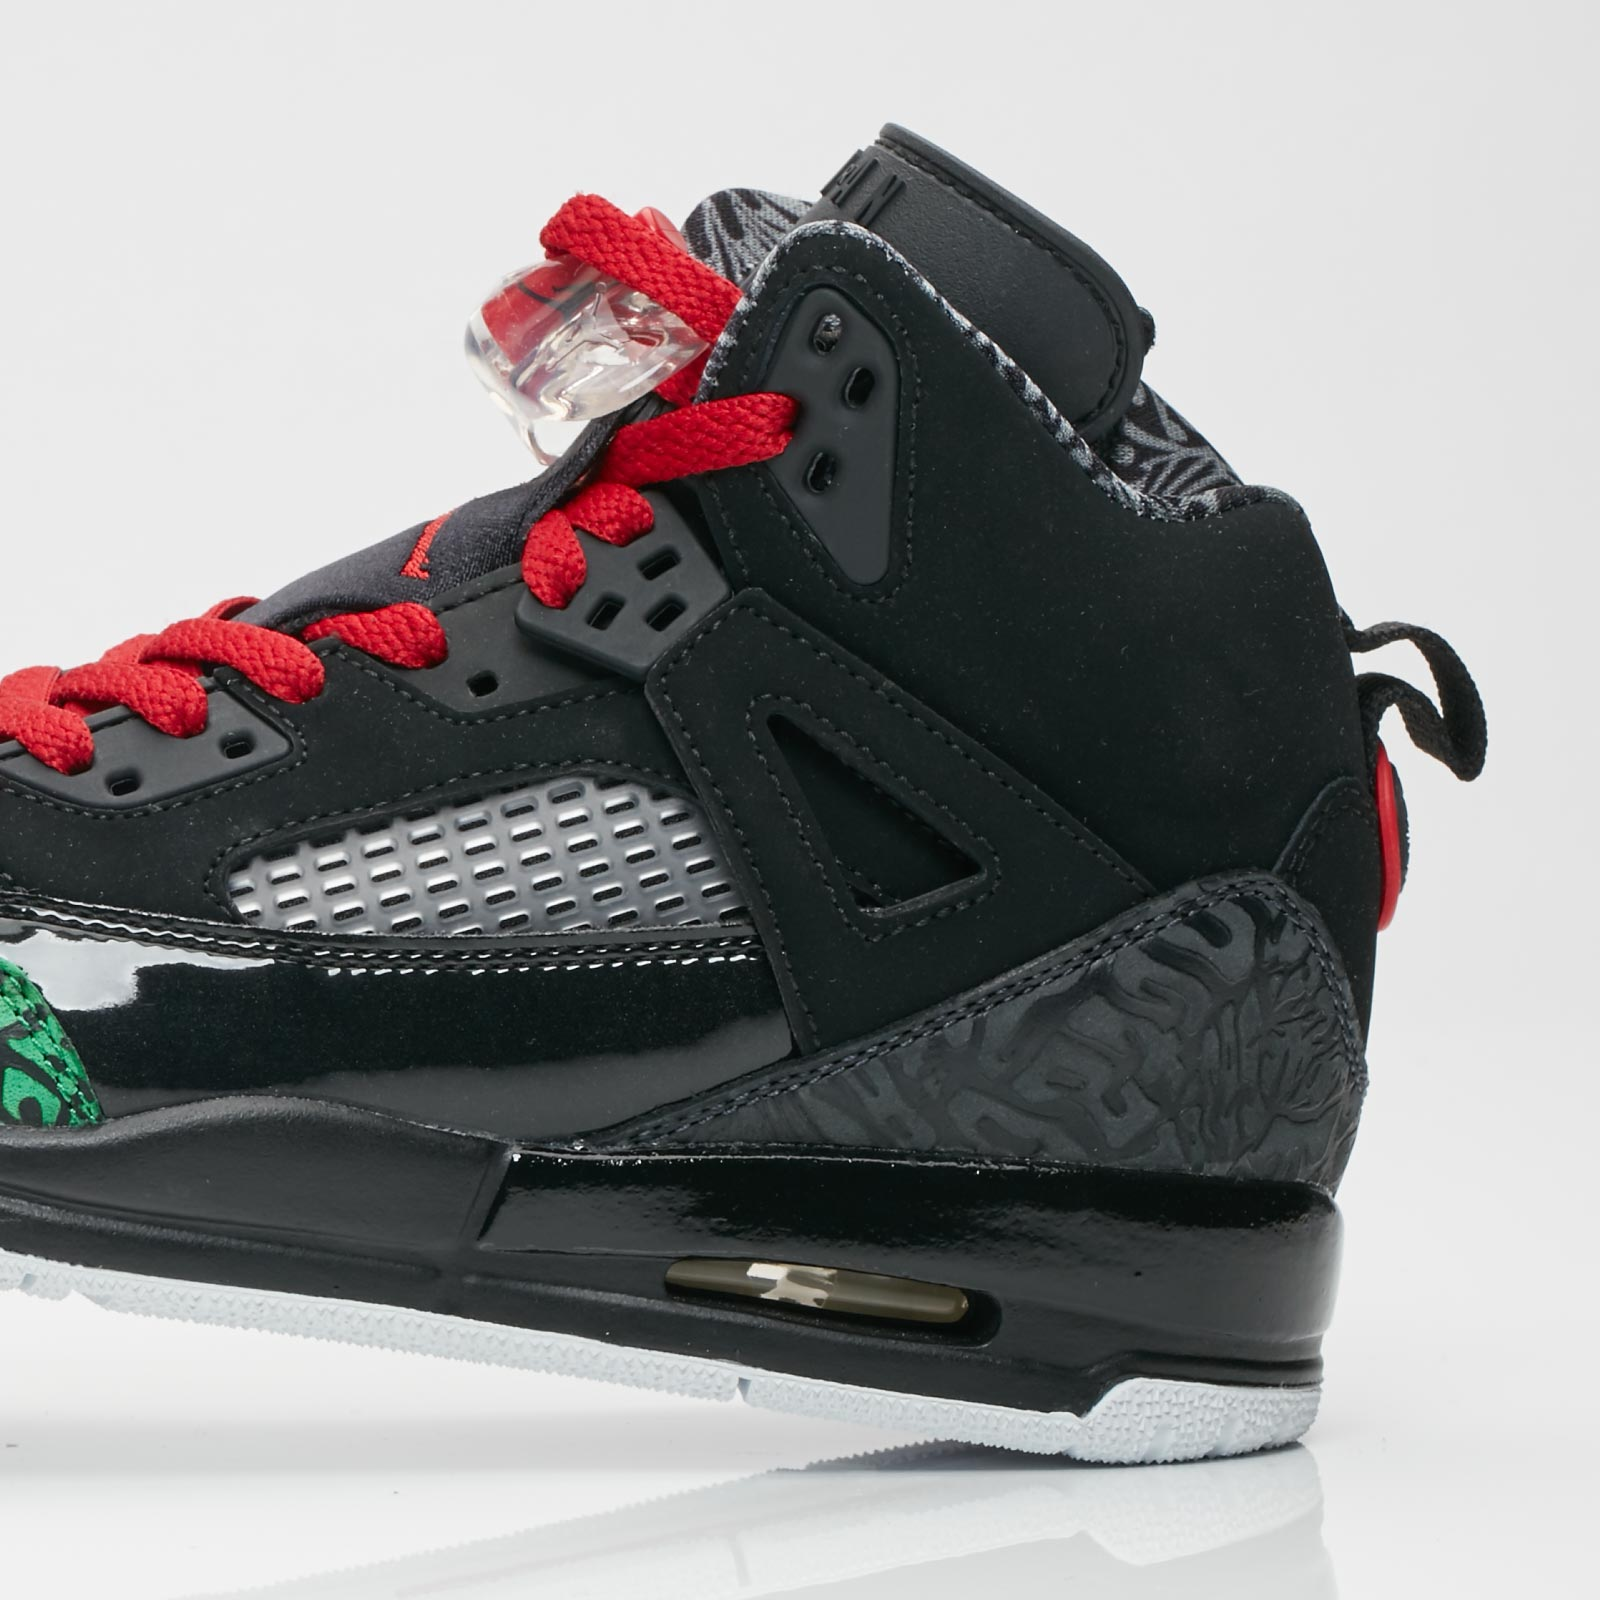 best sneakers 26eee abc28 Jordan Brand Jordan Spizike (GS) - 317321-026 - Sneakersnstuff ...